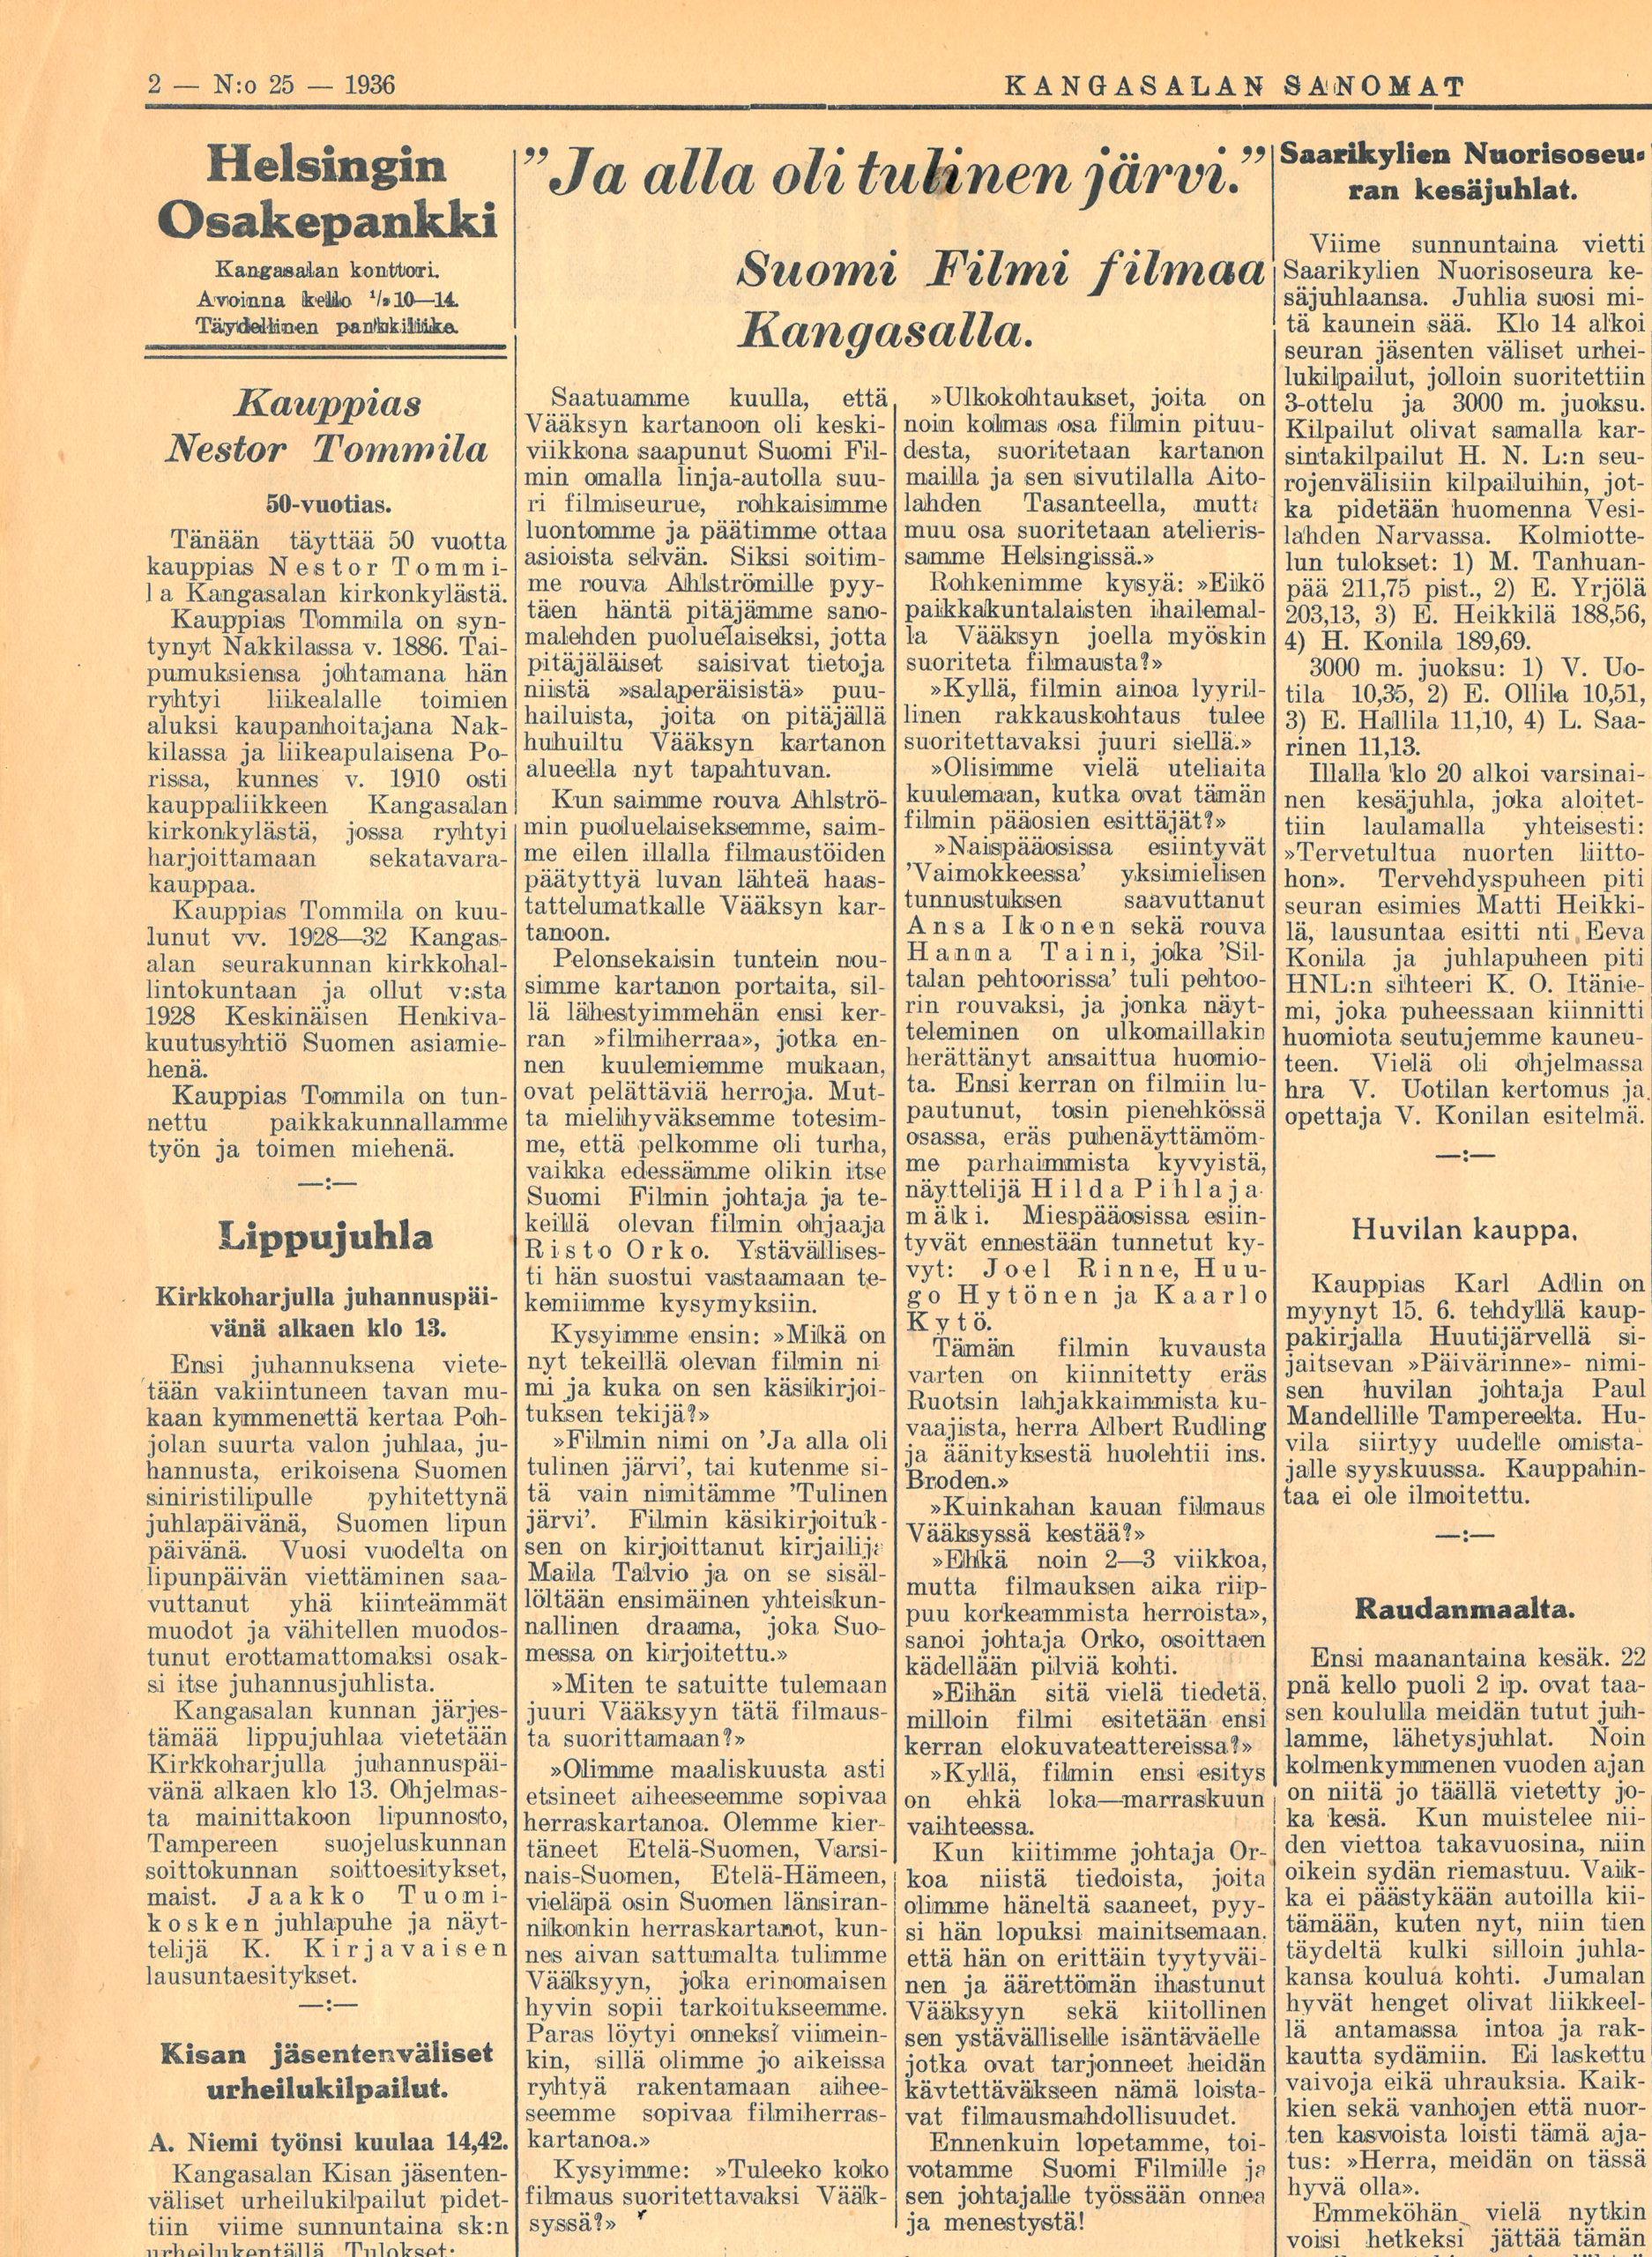 Kun saimme rouva Ahströmin puoluelaiseksemme, saimme eilen illalla filmaustöiden päätyttyä luvan lähteä haastattelumatkalle Vääksyn kartanoon, kirjoittaa toimittaja Kangasalan Sanomissa lauantaina 20. kesäkuuta 1936.